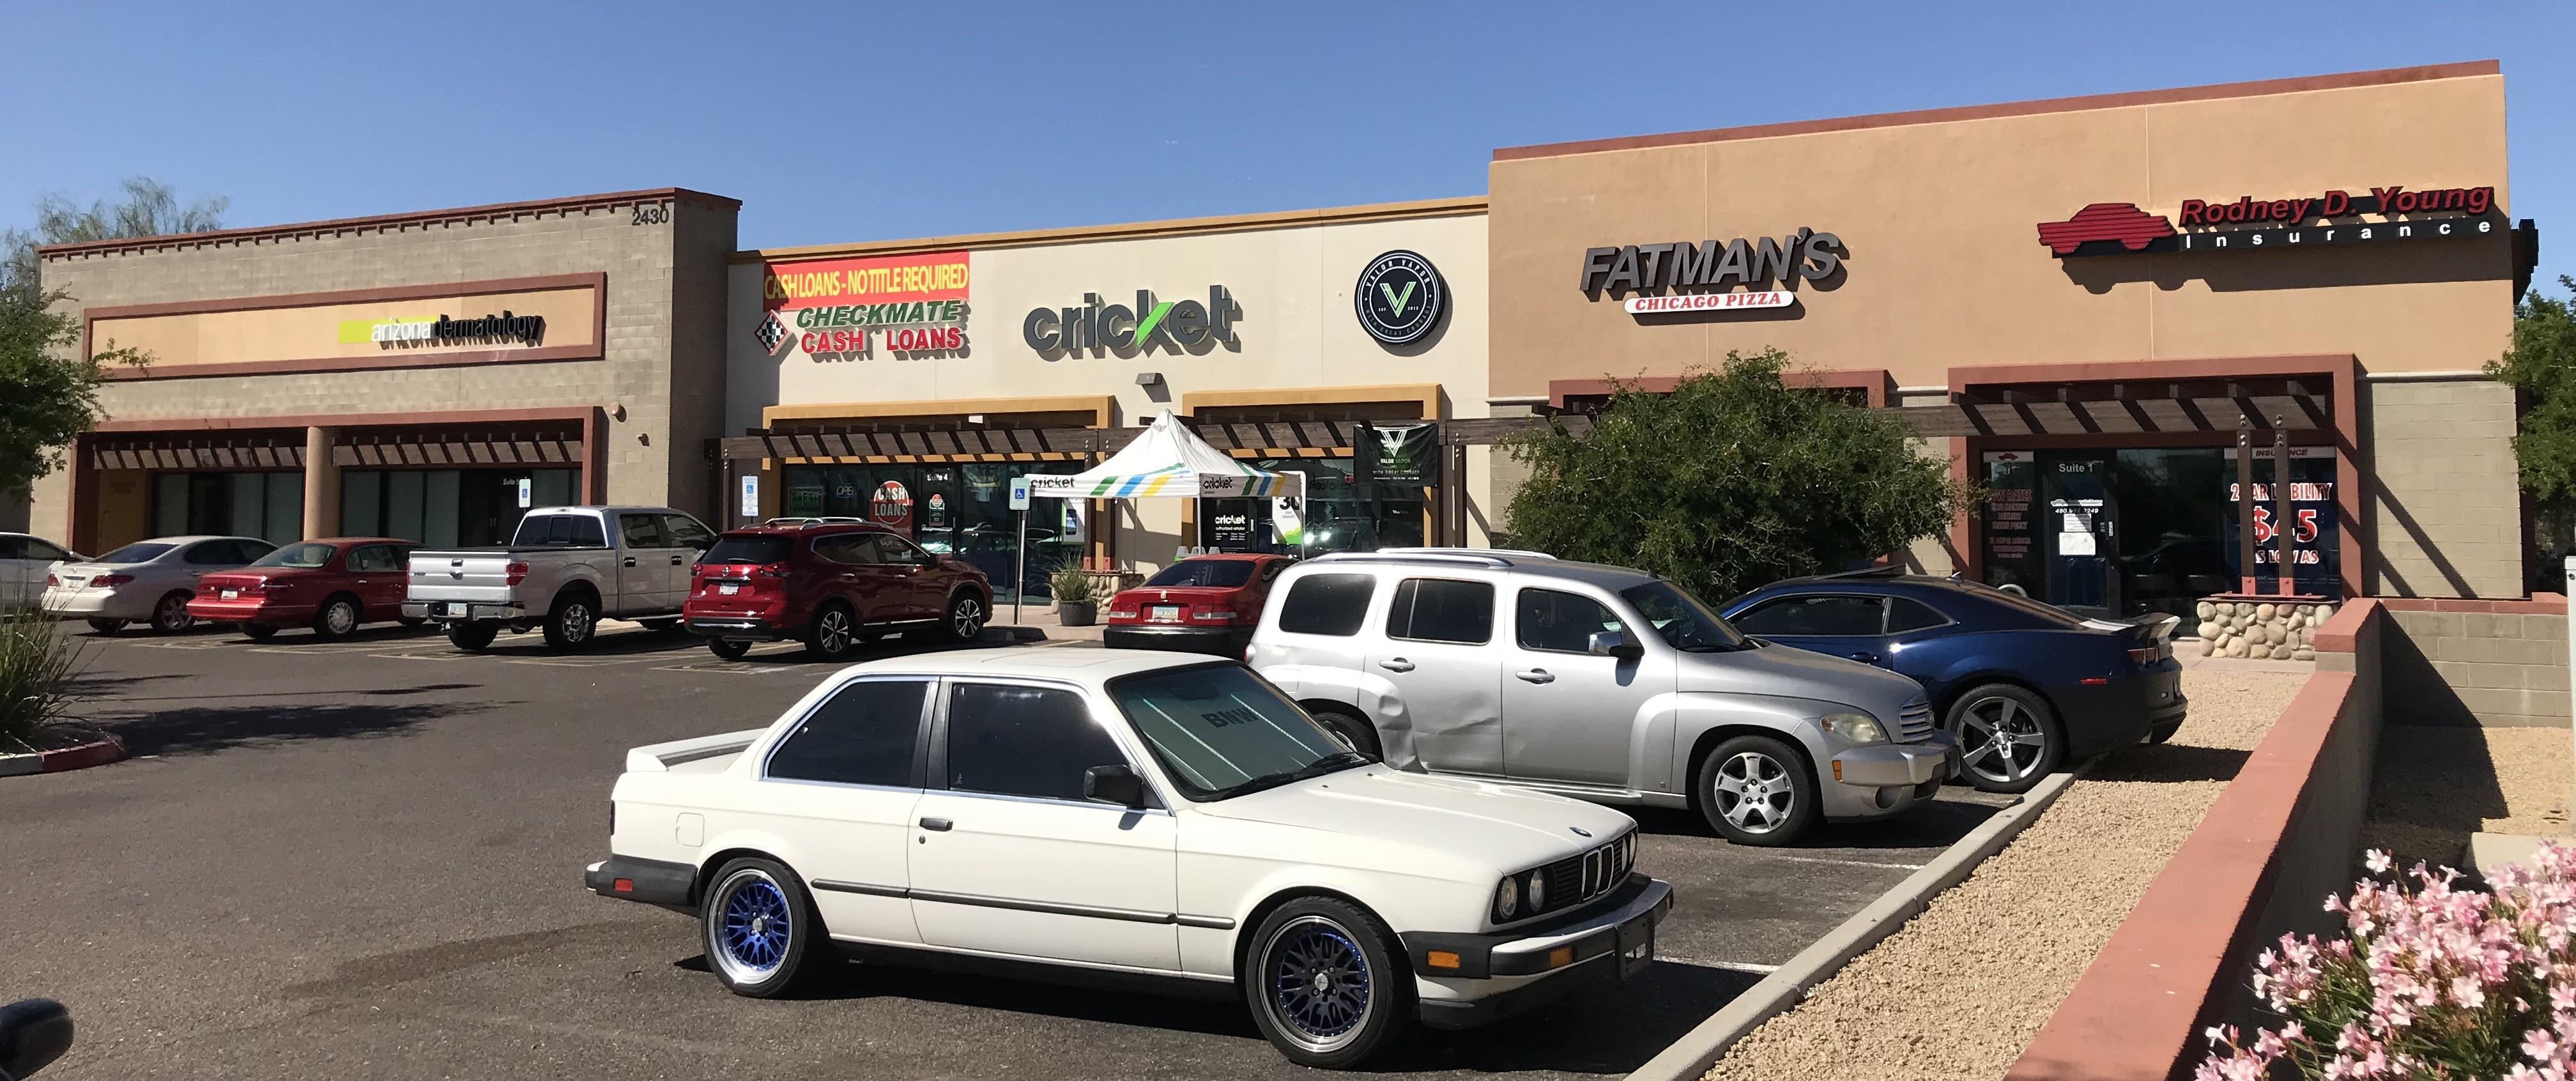 Apache Trail Marketplace   Retail Space For Lease In Phoenix AZ   Vestis Group